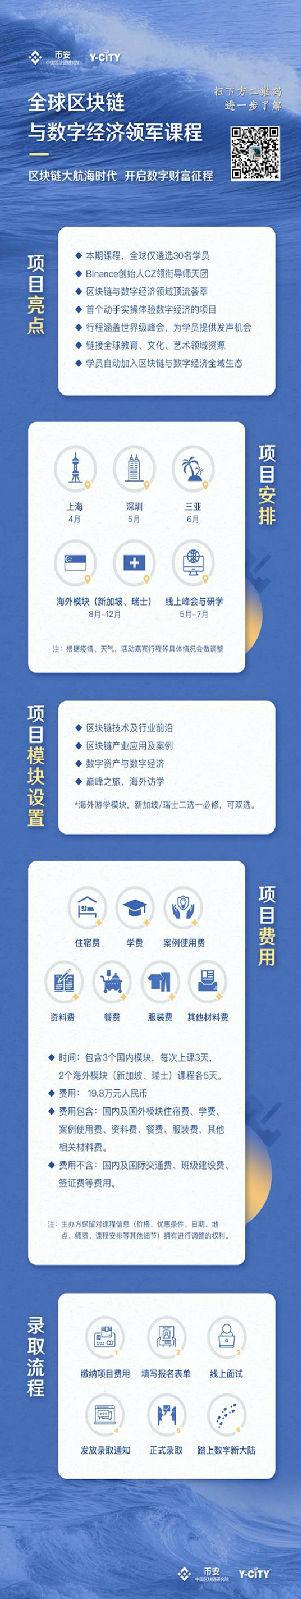 http://www.reviewcode.cn/youxikaifa/201120.html